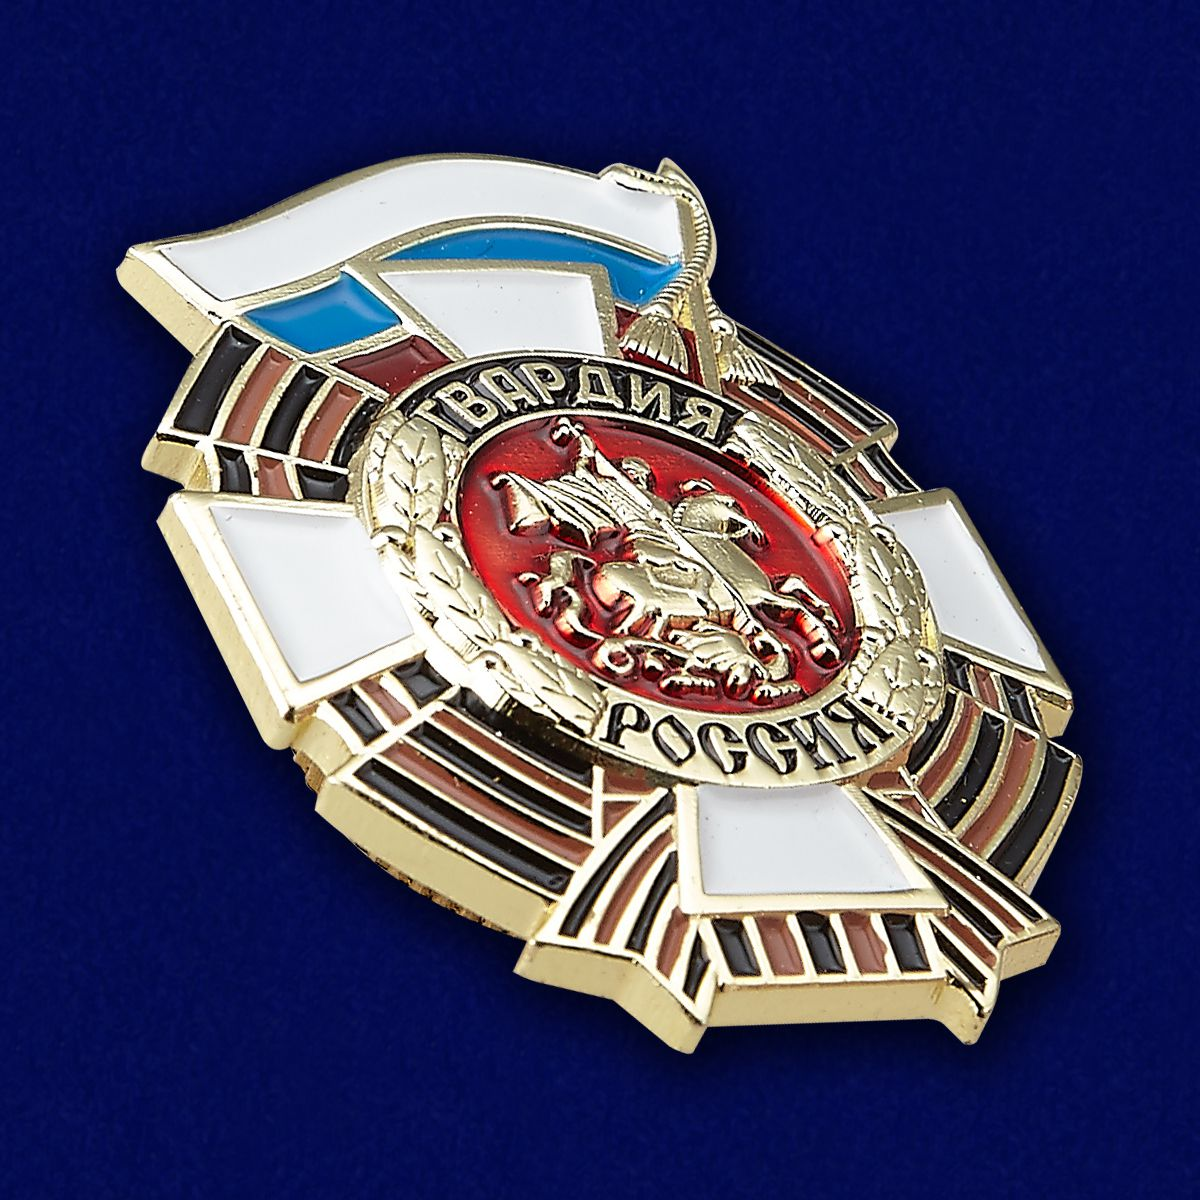 Нагрудный знак Гвардия Россия - общий вид